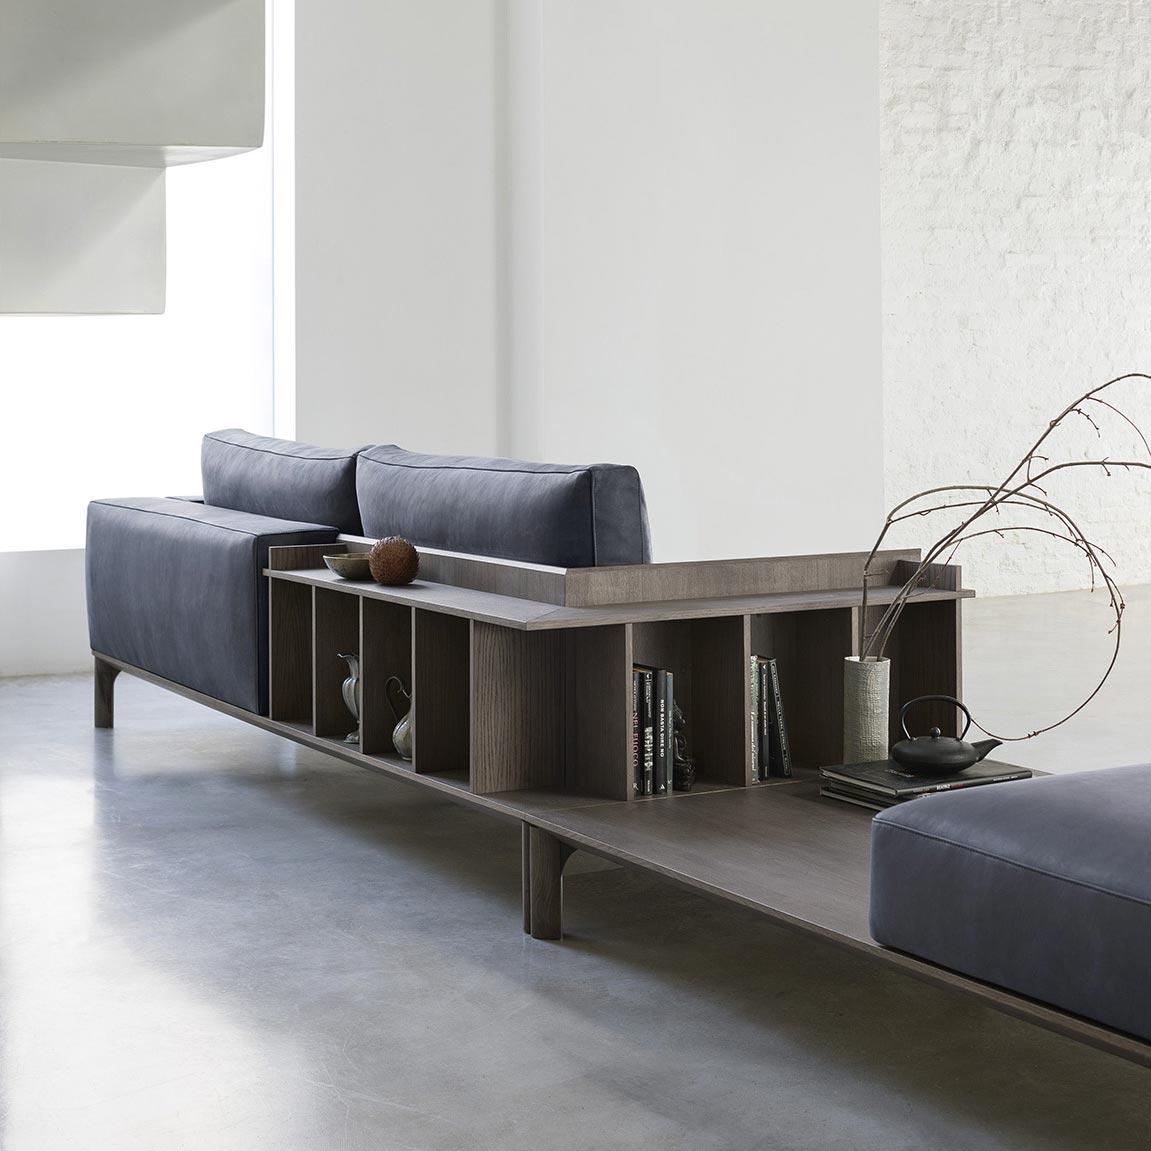 Un living attuale e pratico con i divani multifunzione - Un divano per dodici ...